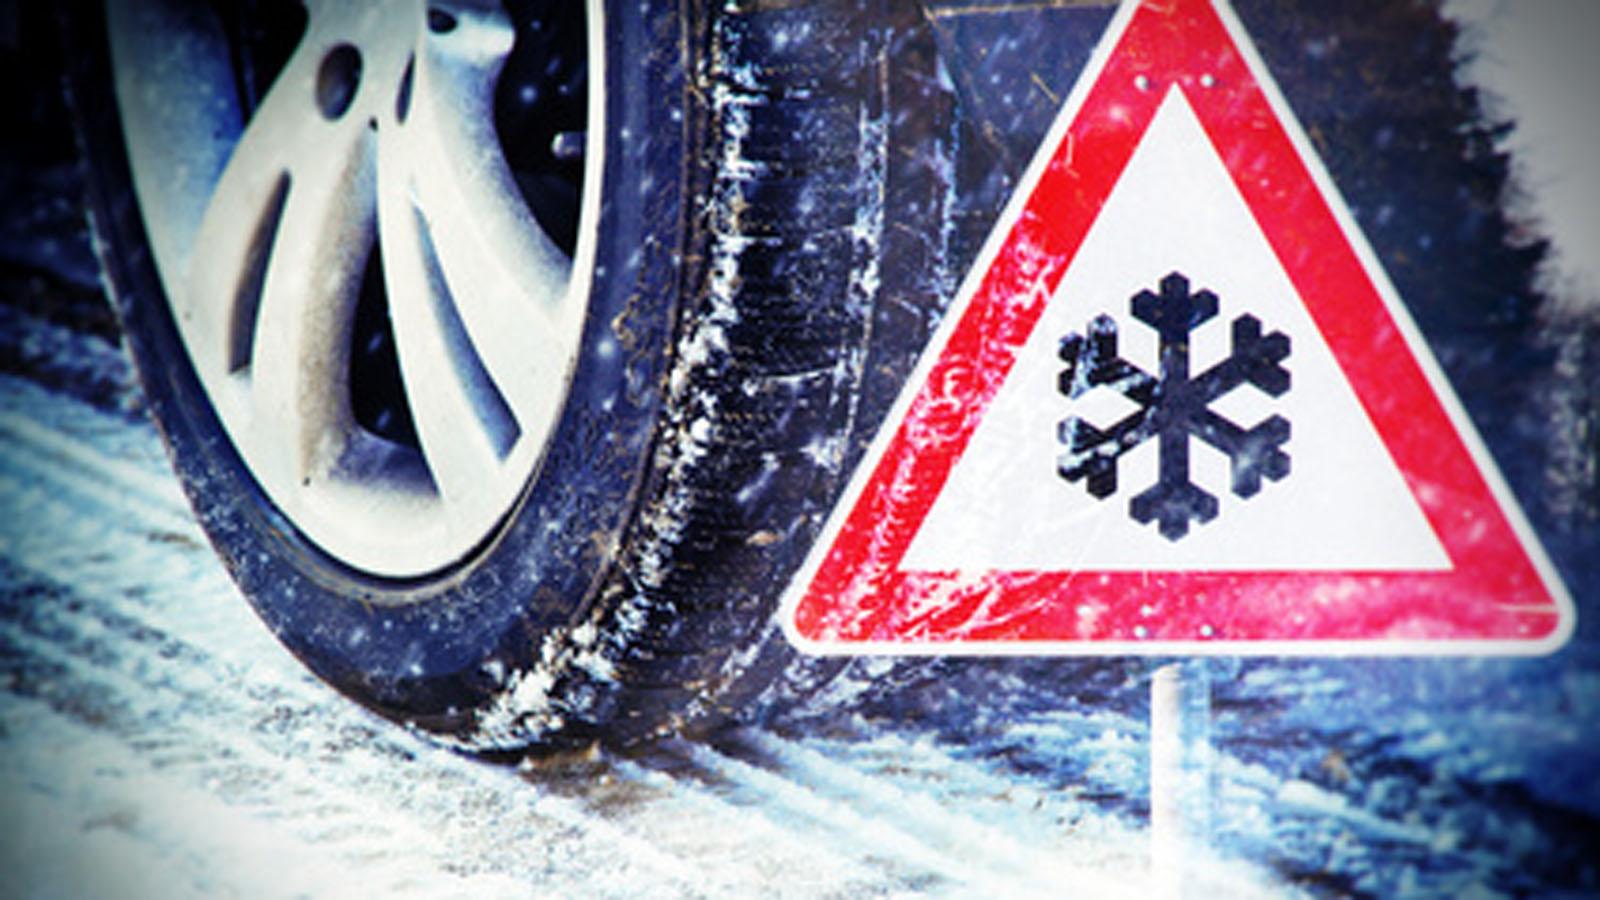 Winterreifen eines Mietwagens auf schneeglatter Fahrbahn